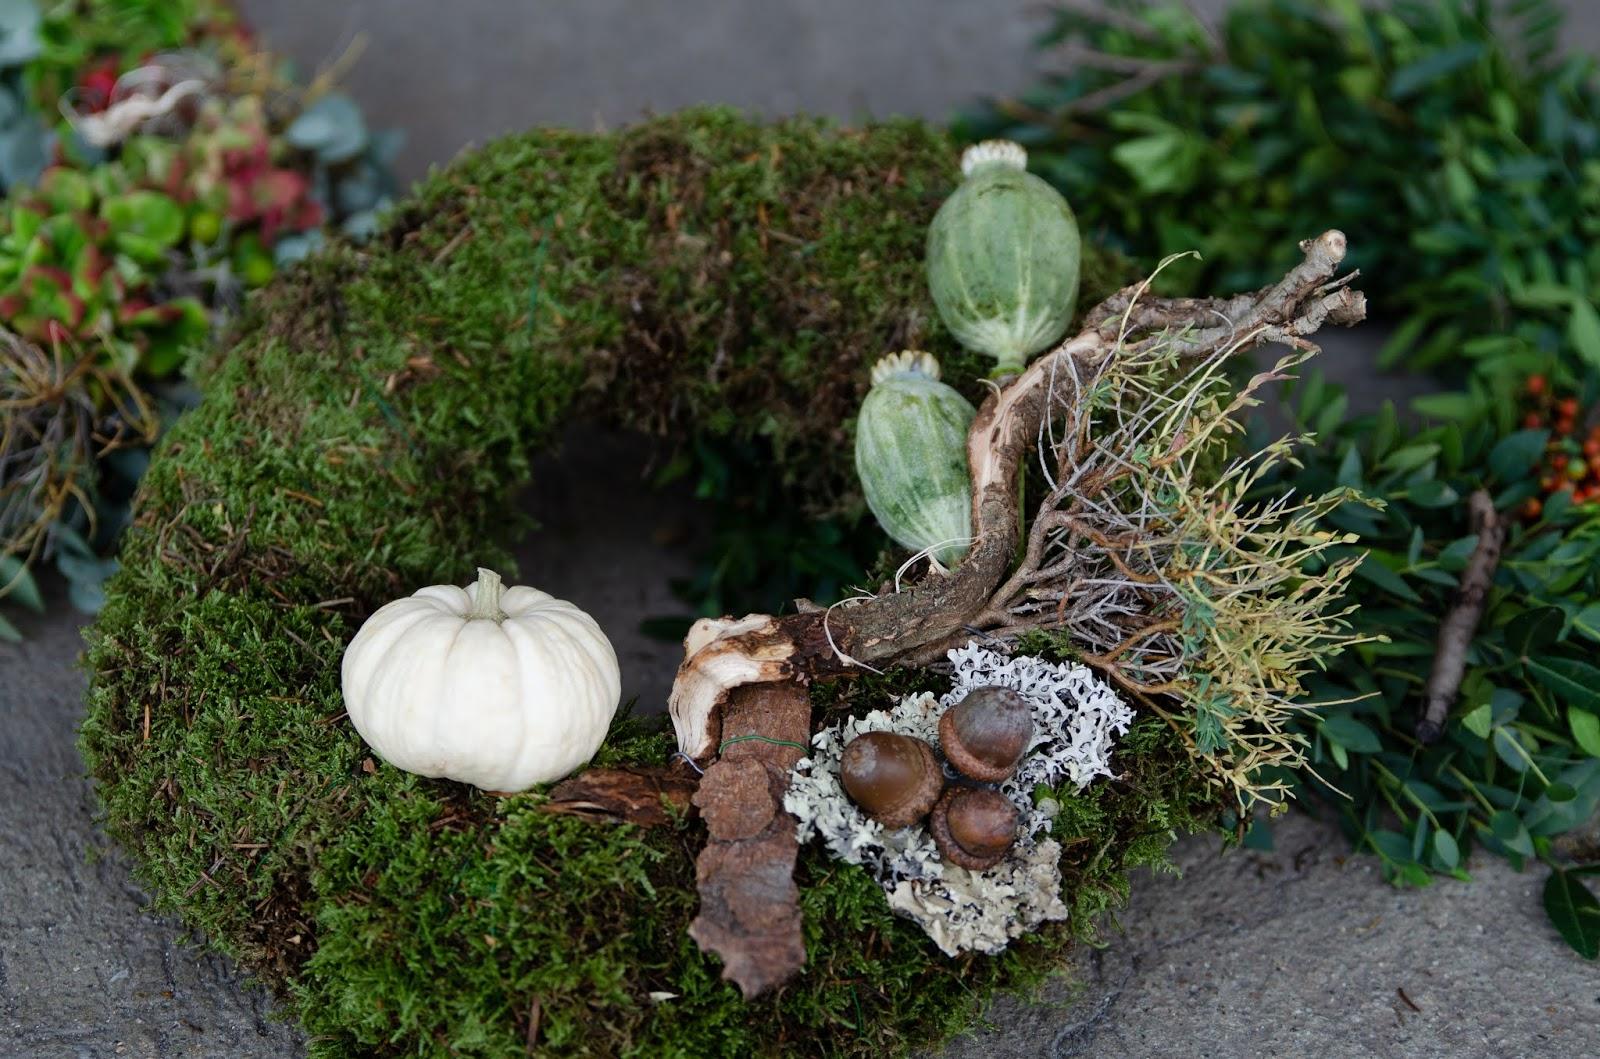 DIY Kranz für den Herbst. Dekoidee selber machen Kränze: Moos und Naturmaterialien